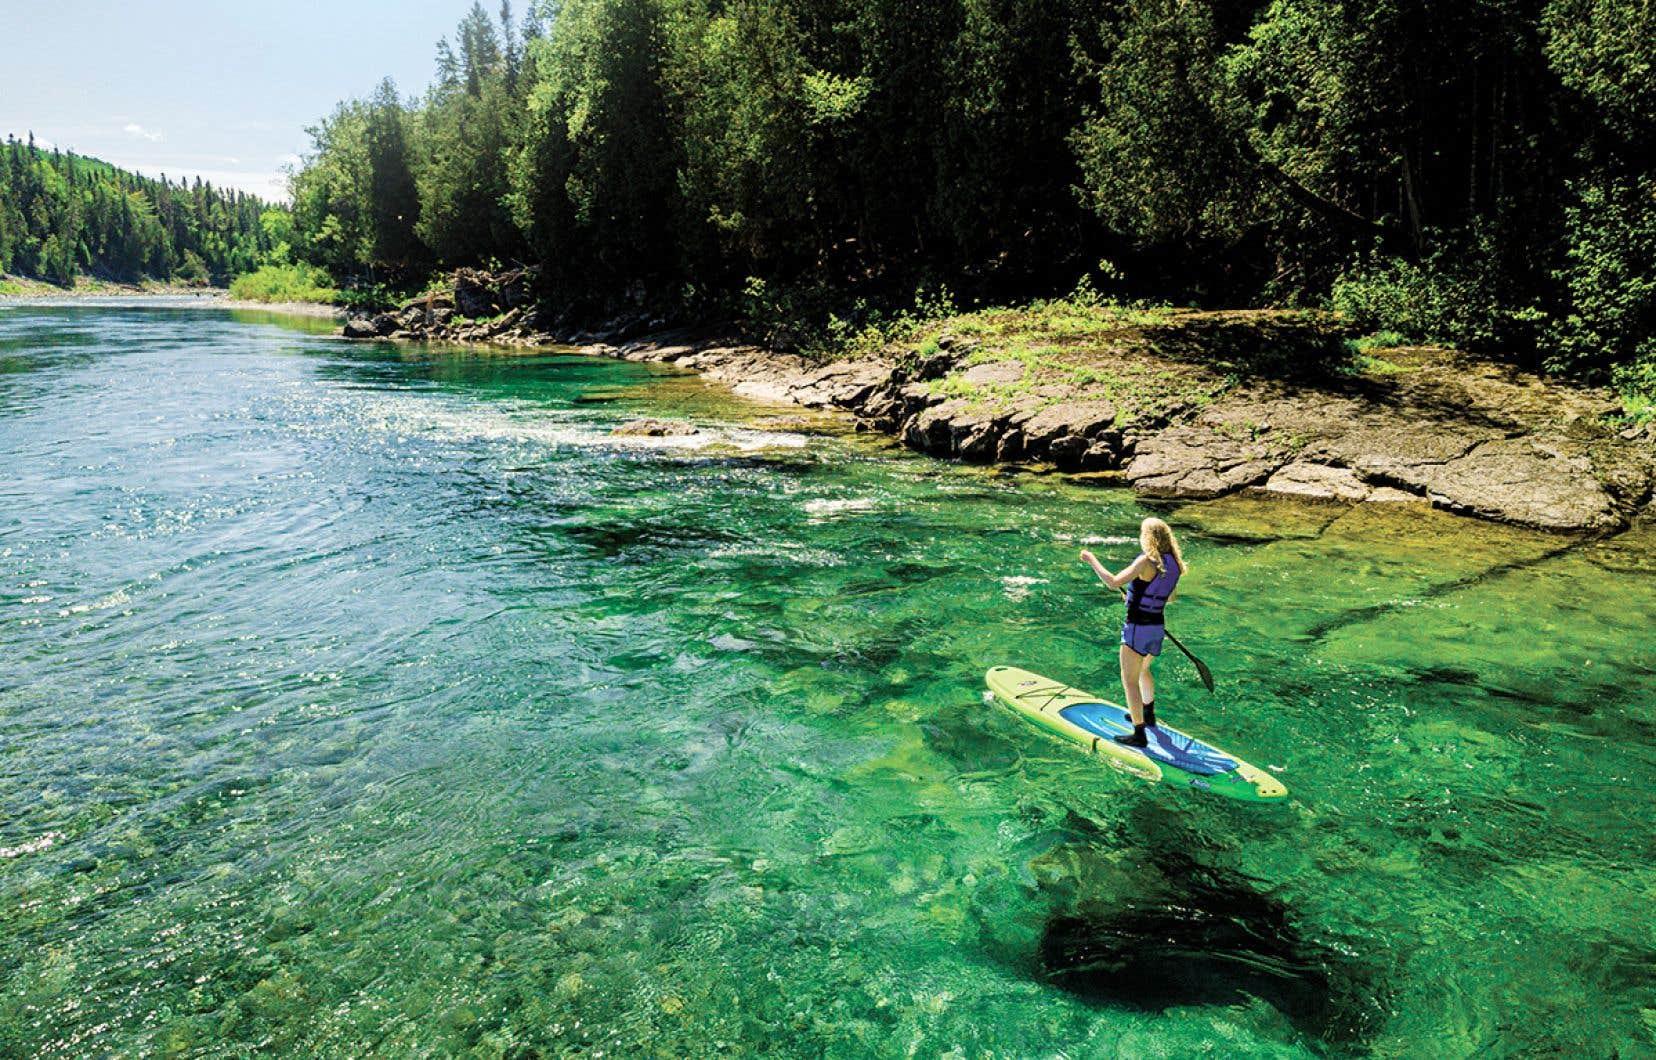 En Gaspésie, la rivière Restigouche est propice à la pratique de la planche à pagaie.